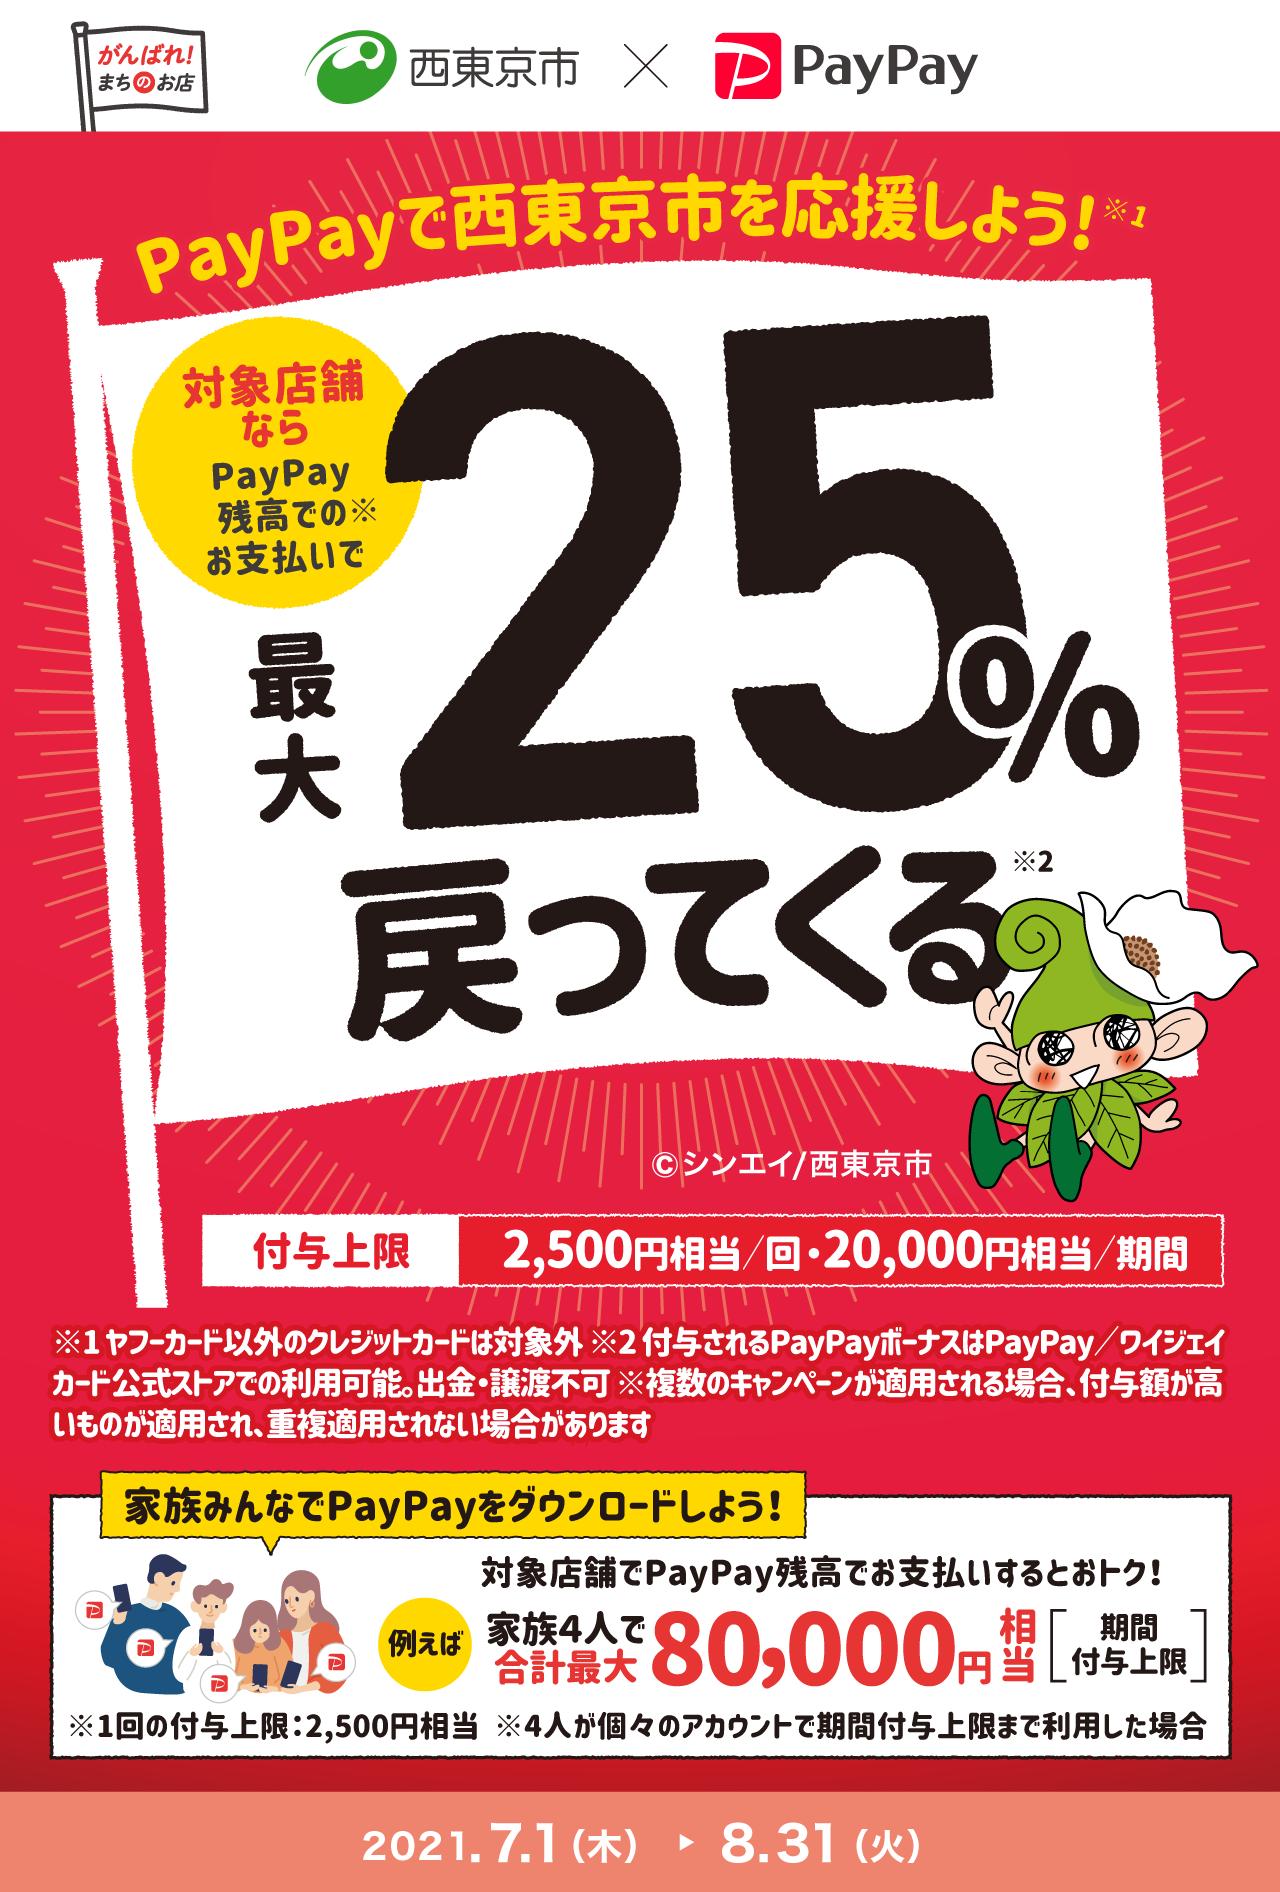 PayPayで西東京市を応援しよう! 対象店舗ならPayPay残高でのお支払いで最大25%戻ってくる